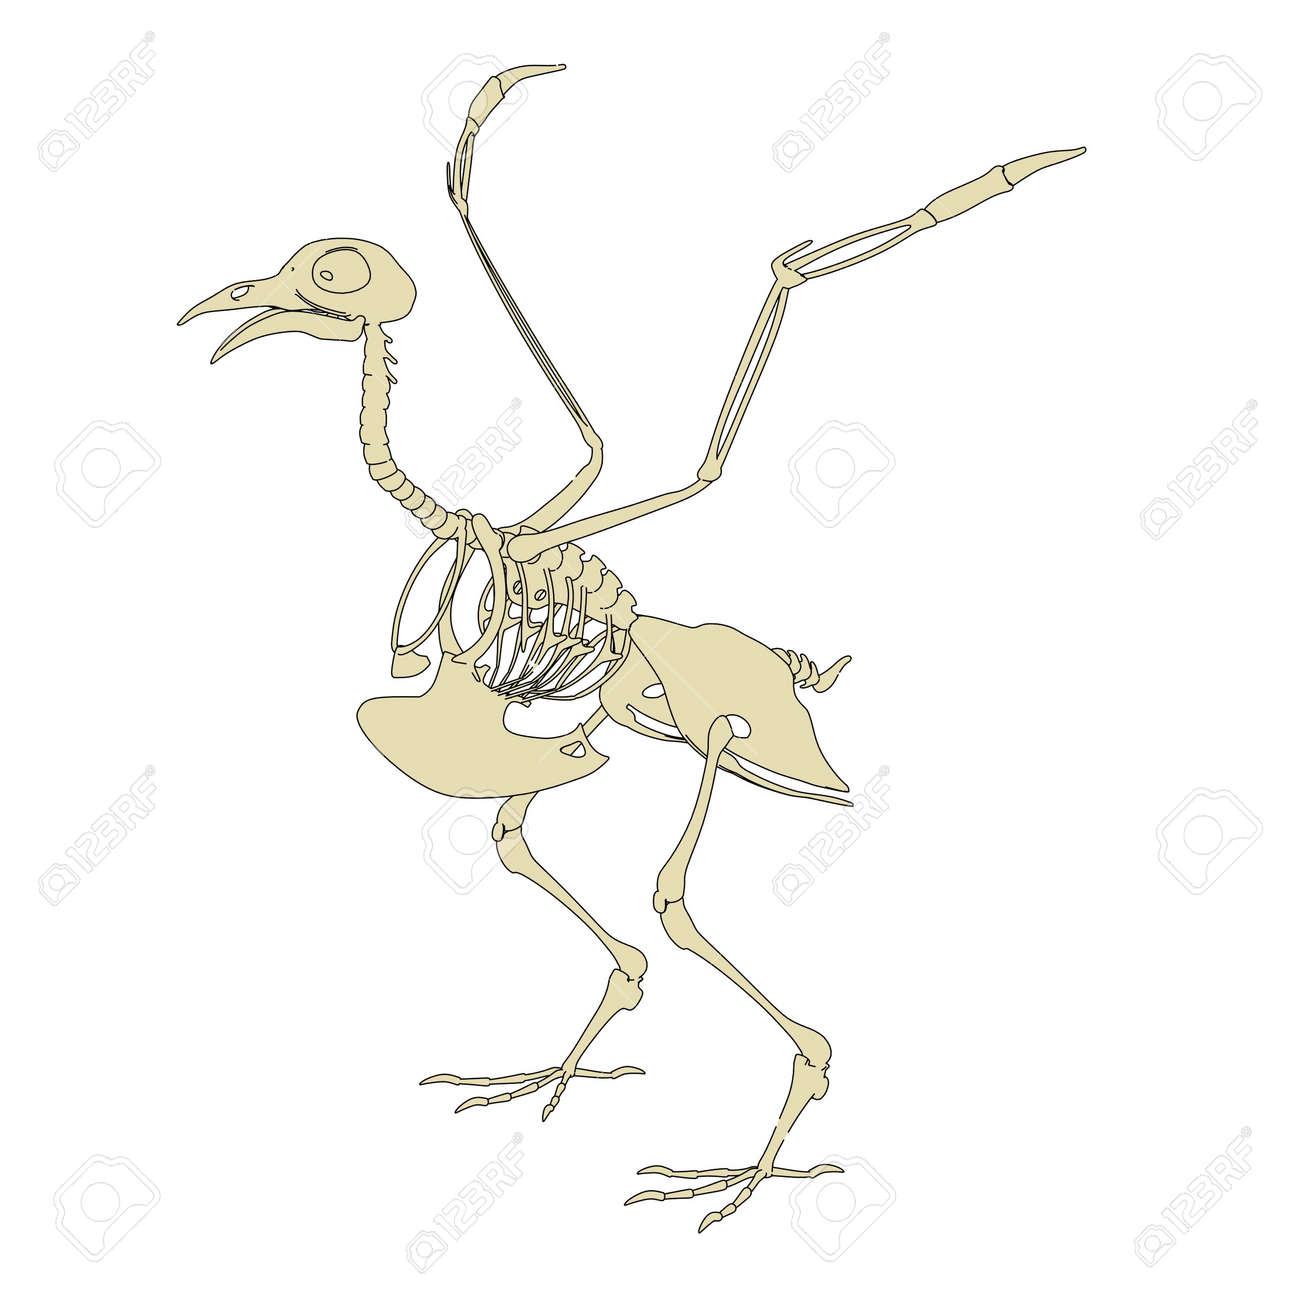 2d Ilustración De Dibujos Animados Del Esqueleto De La Paloma Fotos ...